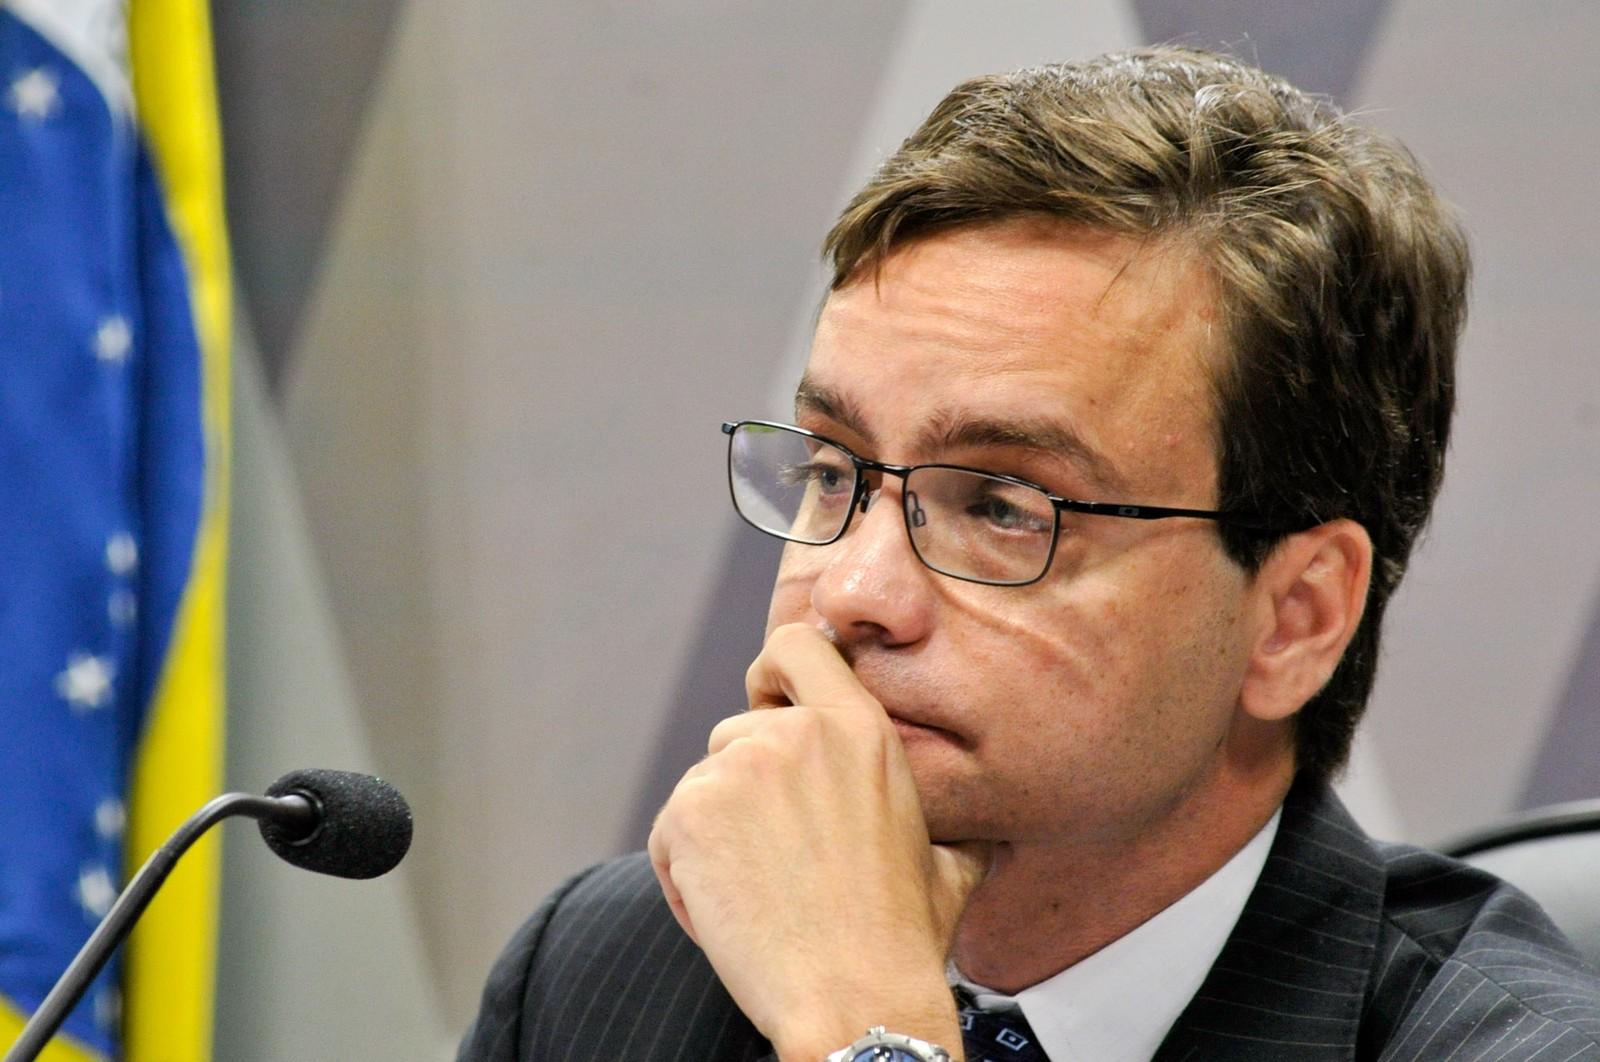 Após polêmicas, Temer demite titular dos Direitos Humanos